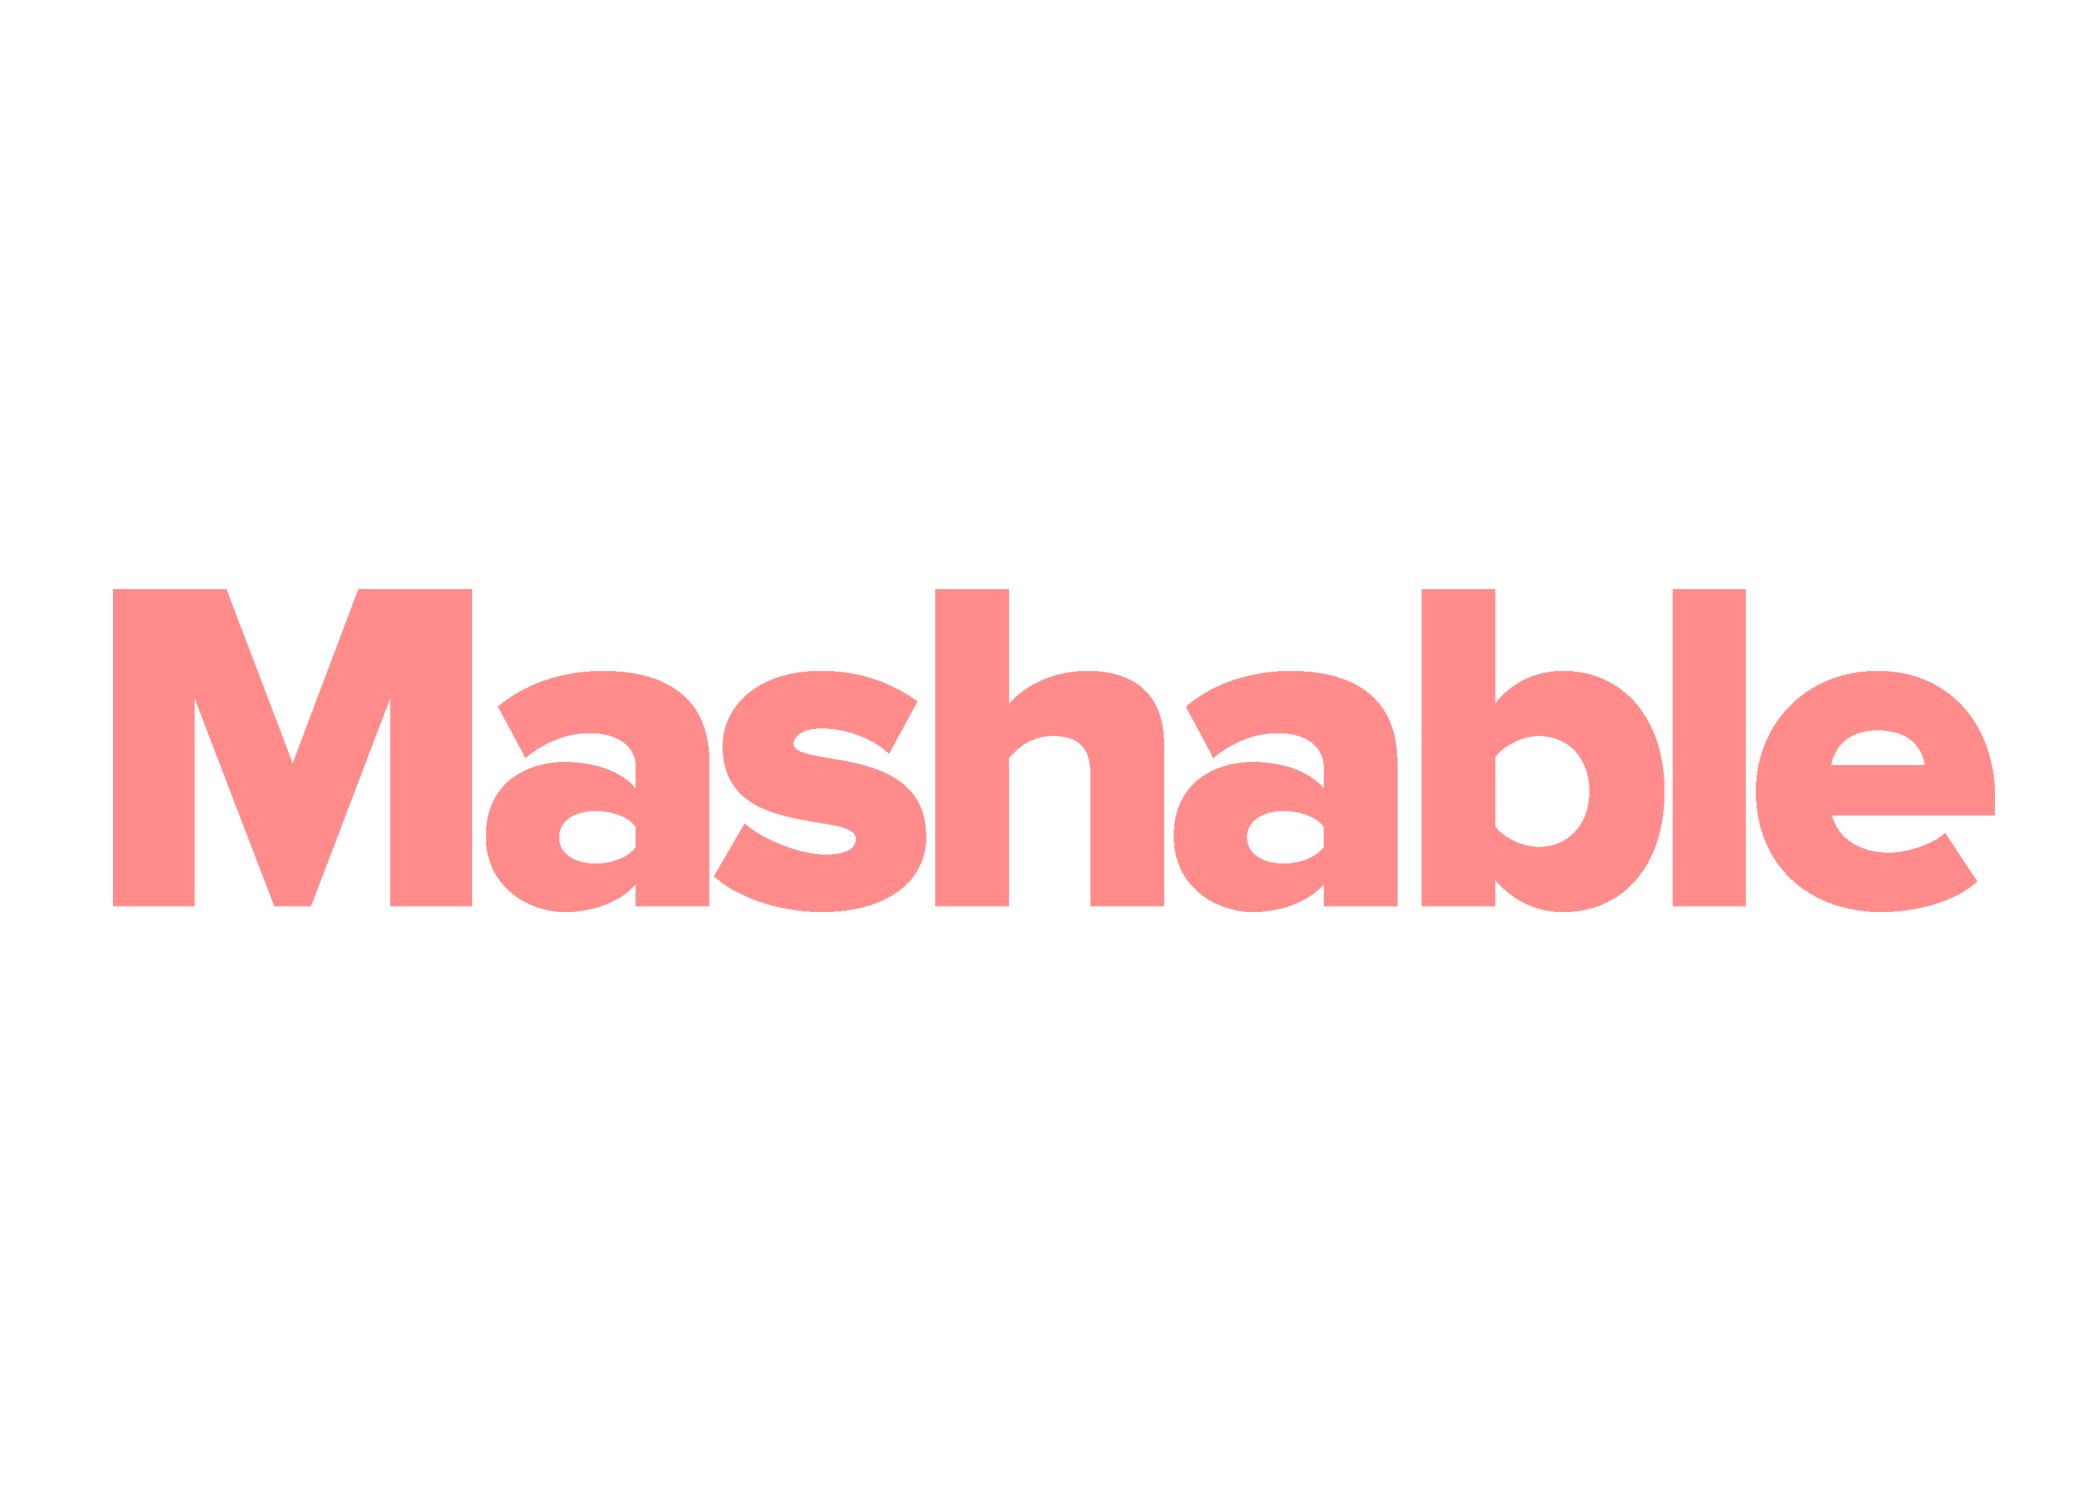 mashable finale v2